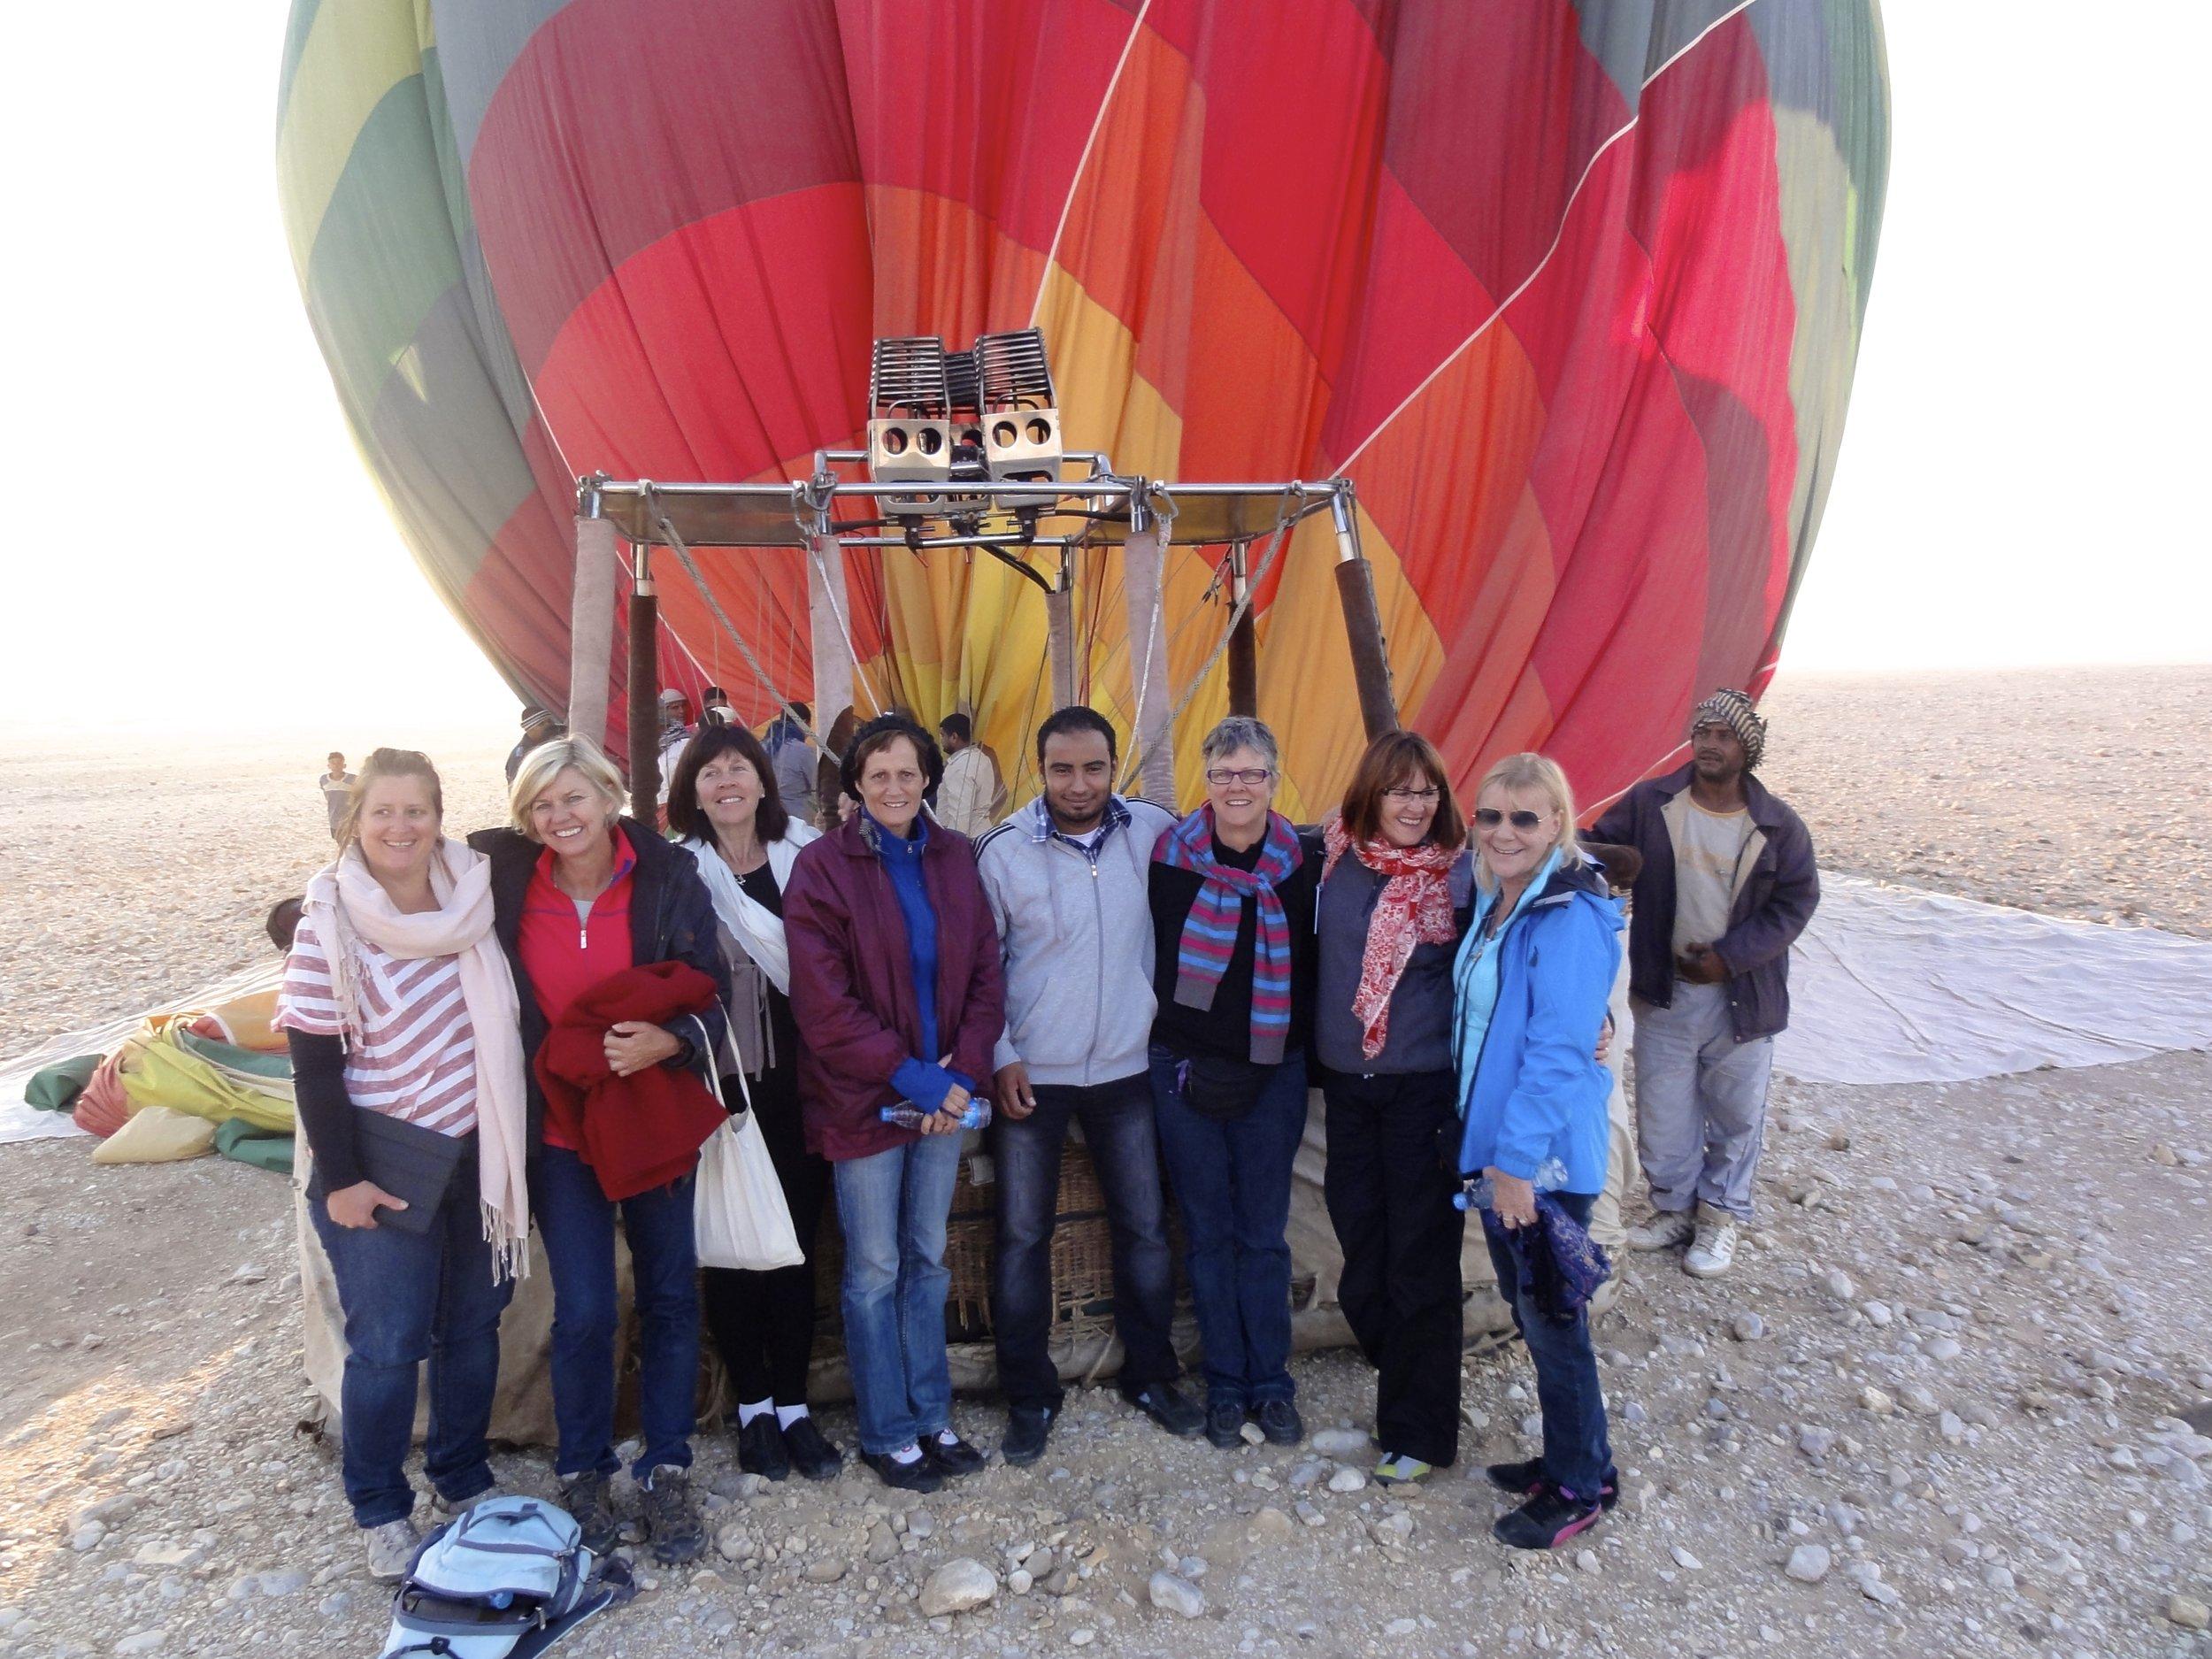 group at hot air balloon.JPG